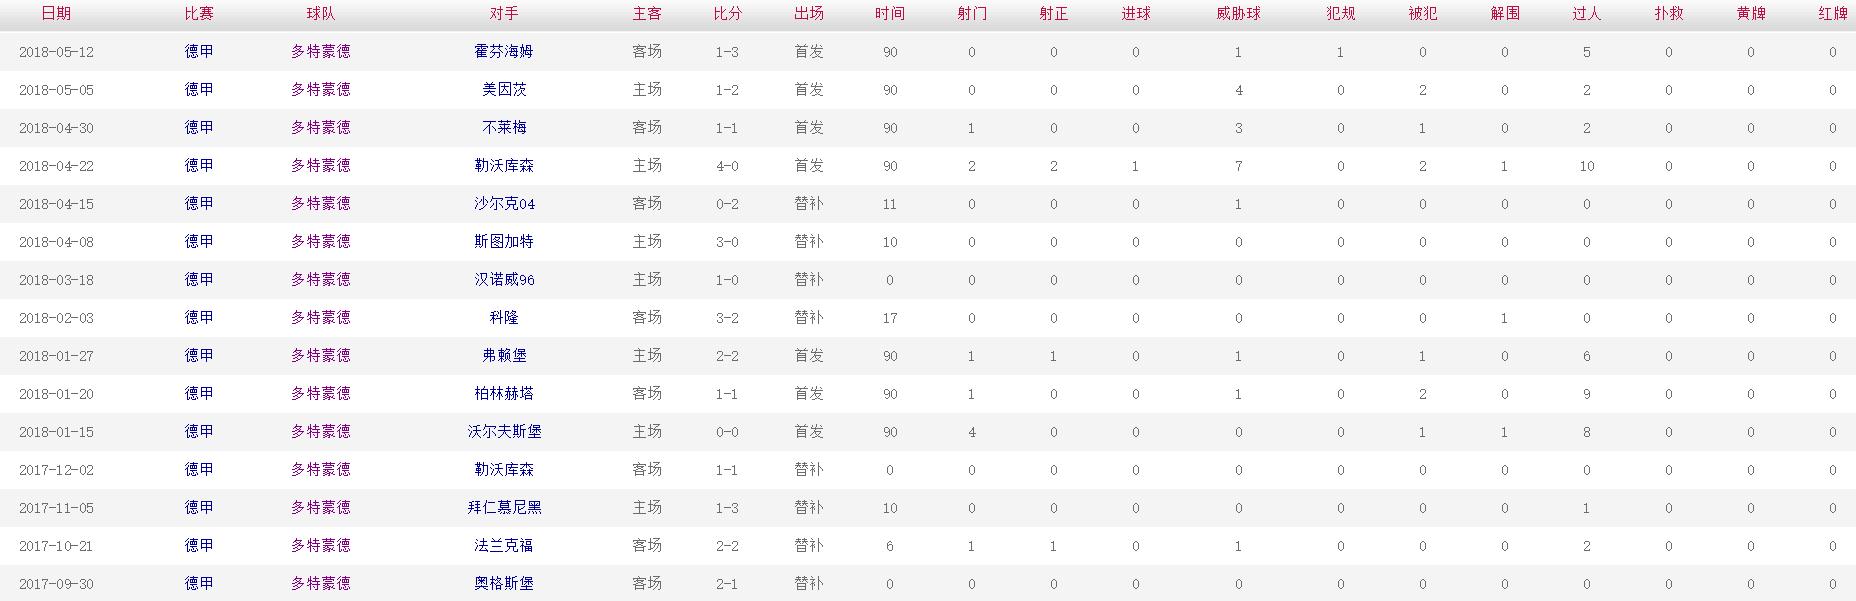 桑乔 2017-2018赛季比赛数据